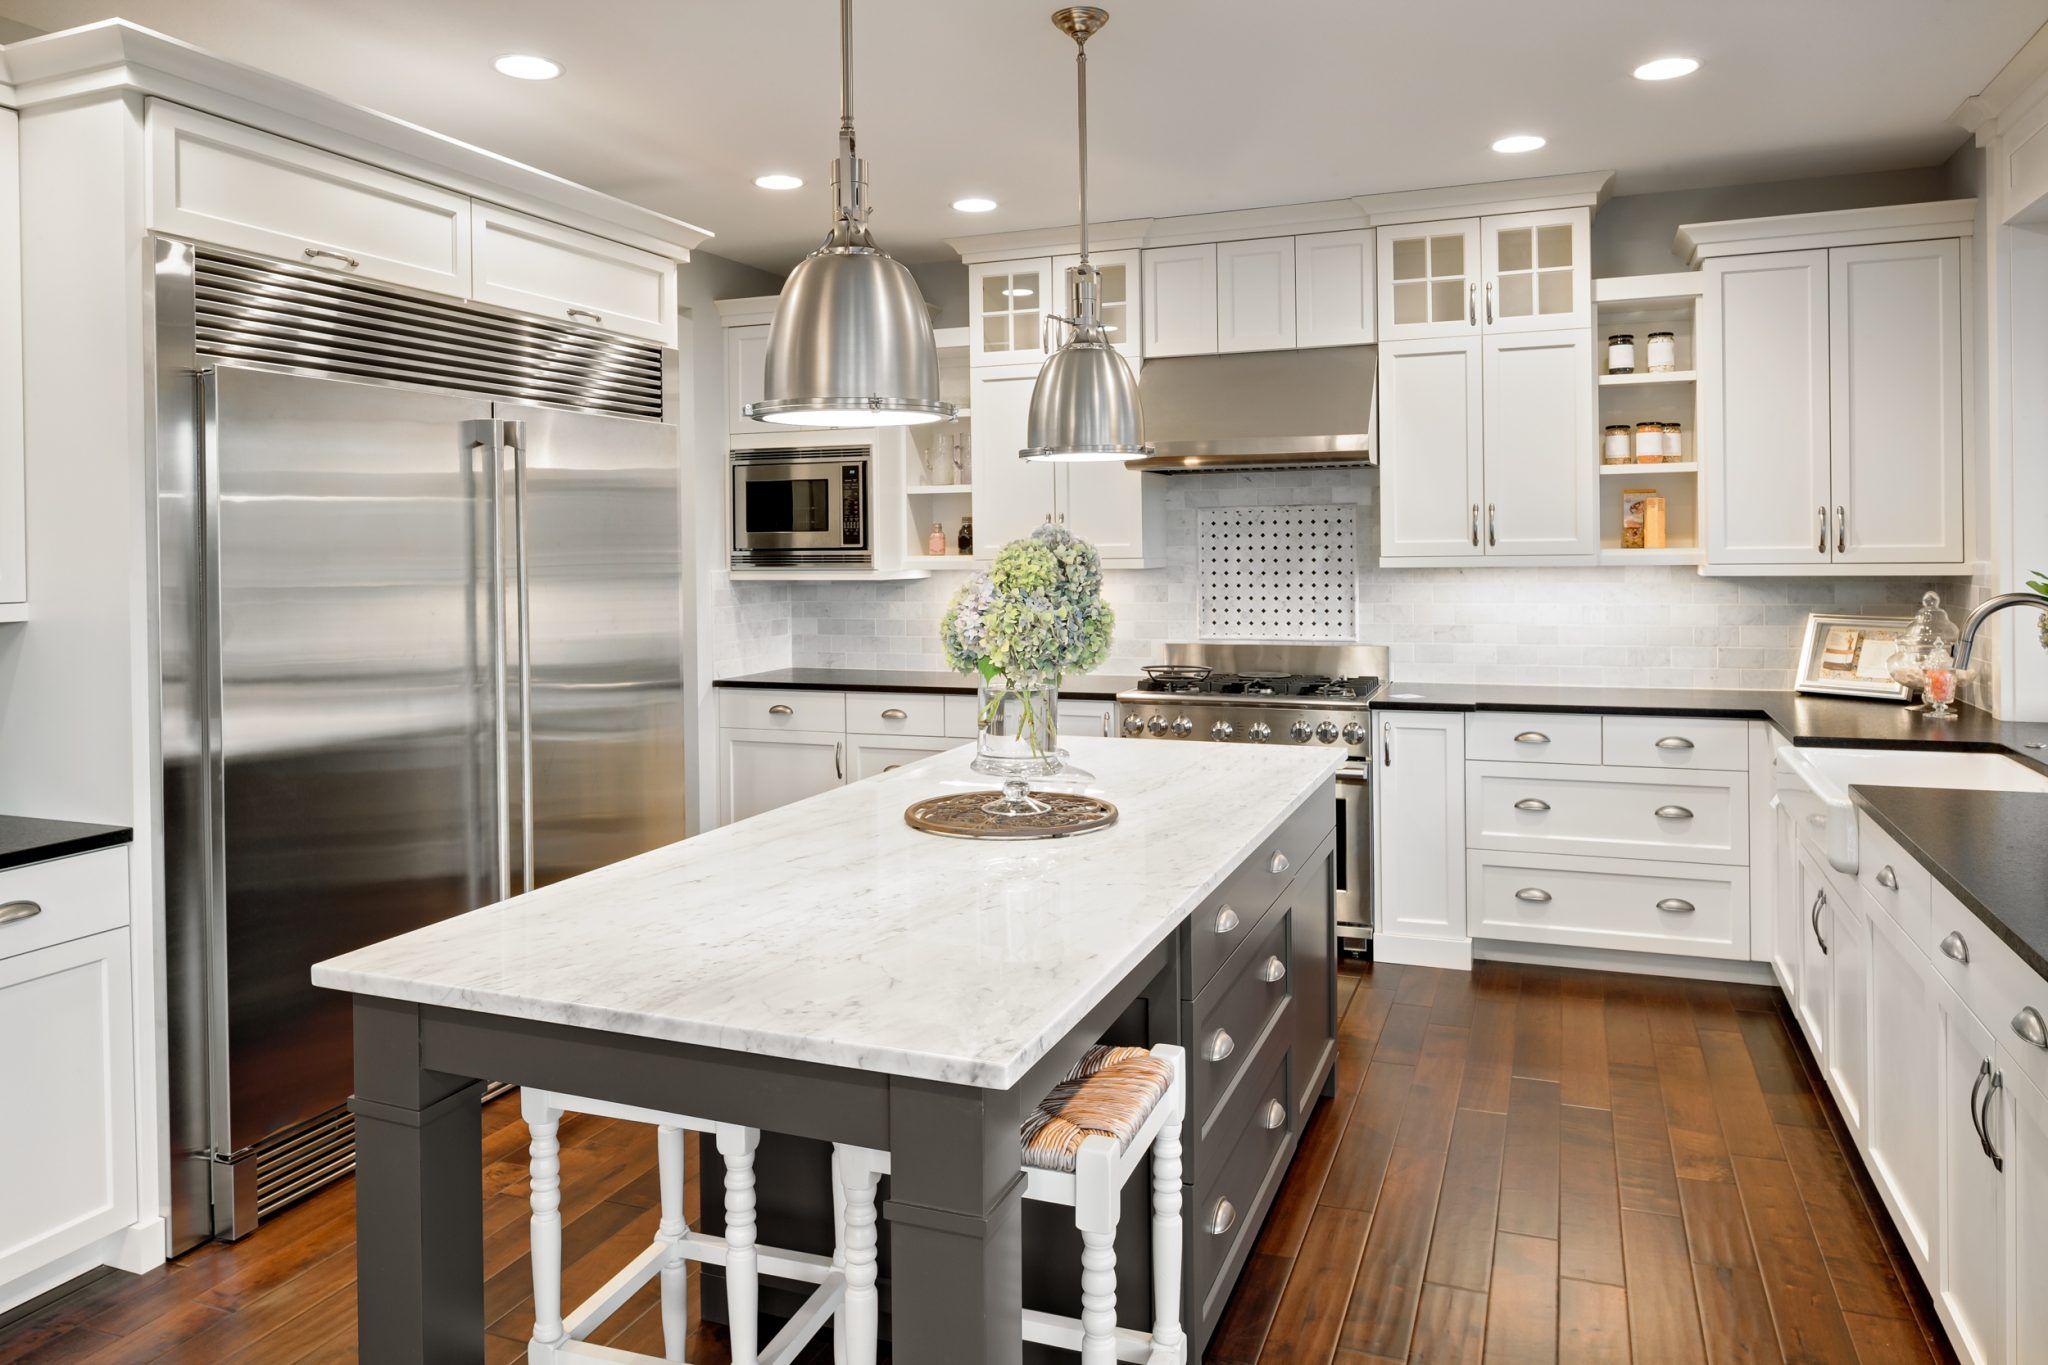 Réussir l'aménagement d'une cuisine pratique, fonctionnelle